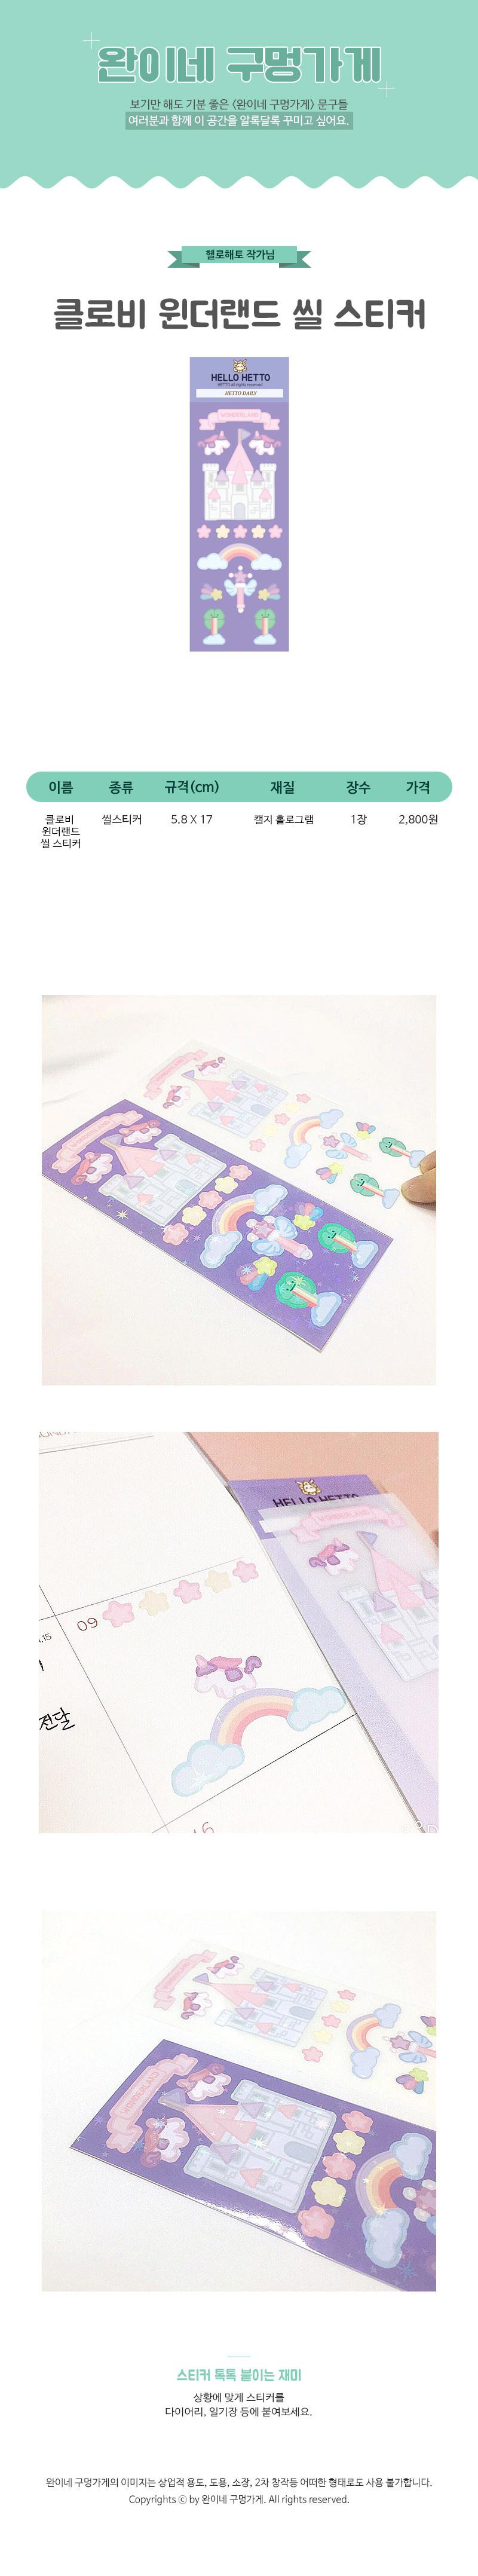 sticker656